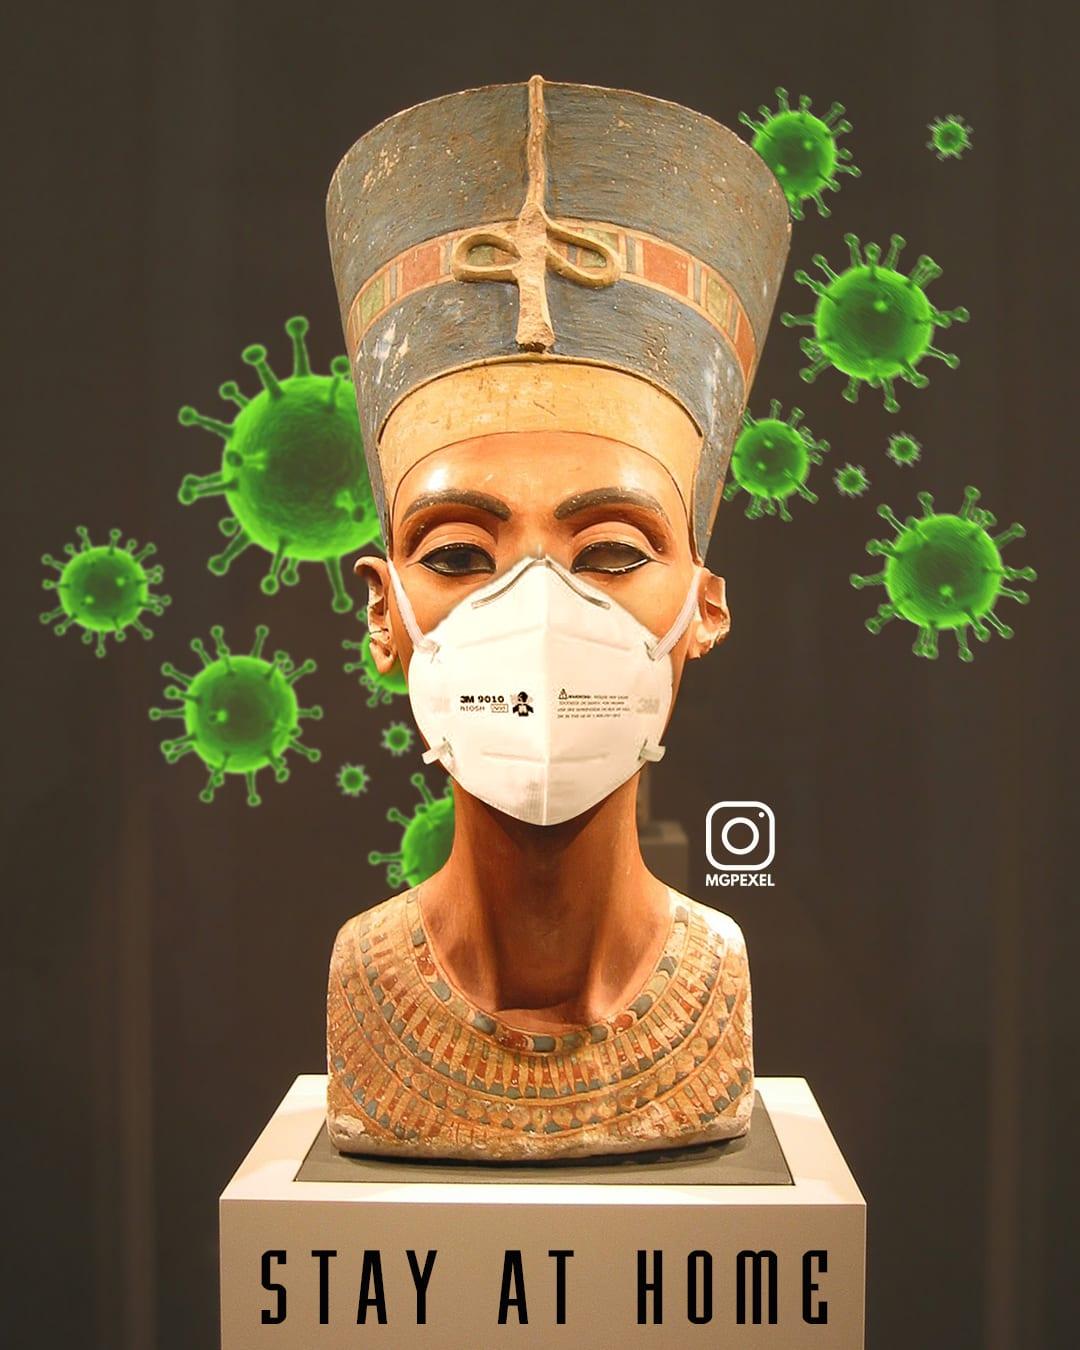 معالم سياحية تشارك في التوعية من فيروس كورونا